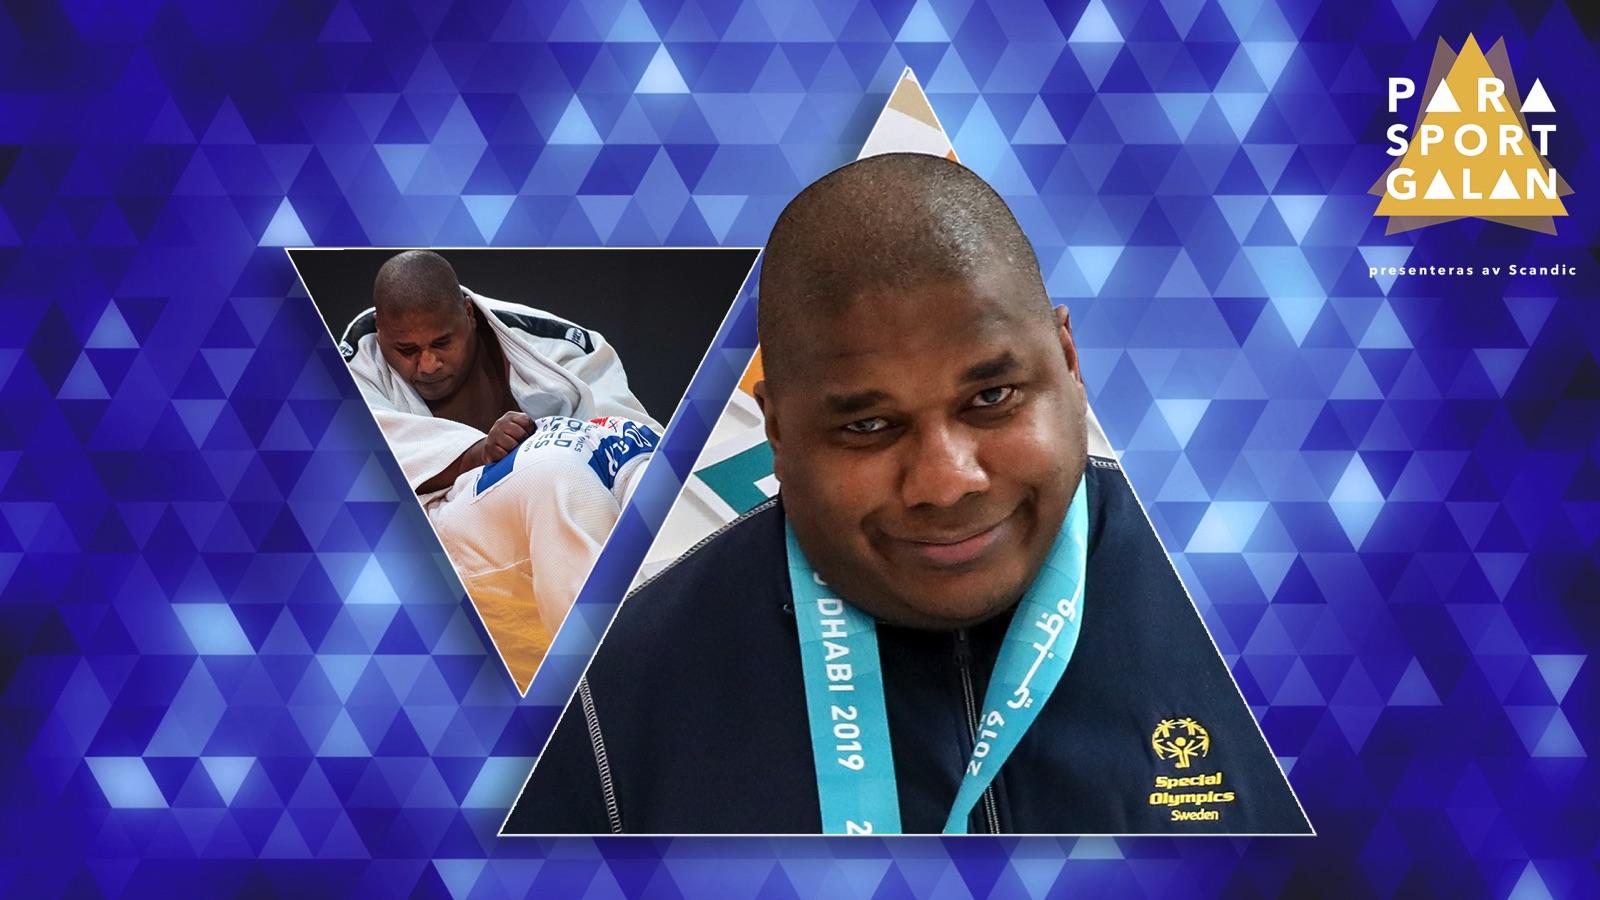 Judokan Michael Mike Malmer har chansen att vinna Årets prestation inom Special Olympics på Parasportgalan den 30 mars.